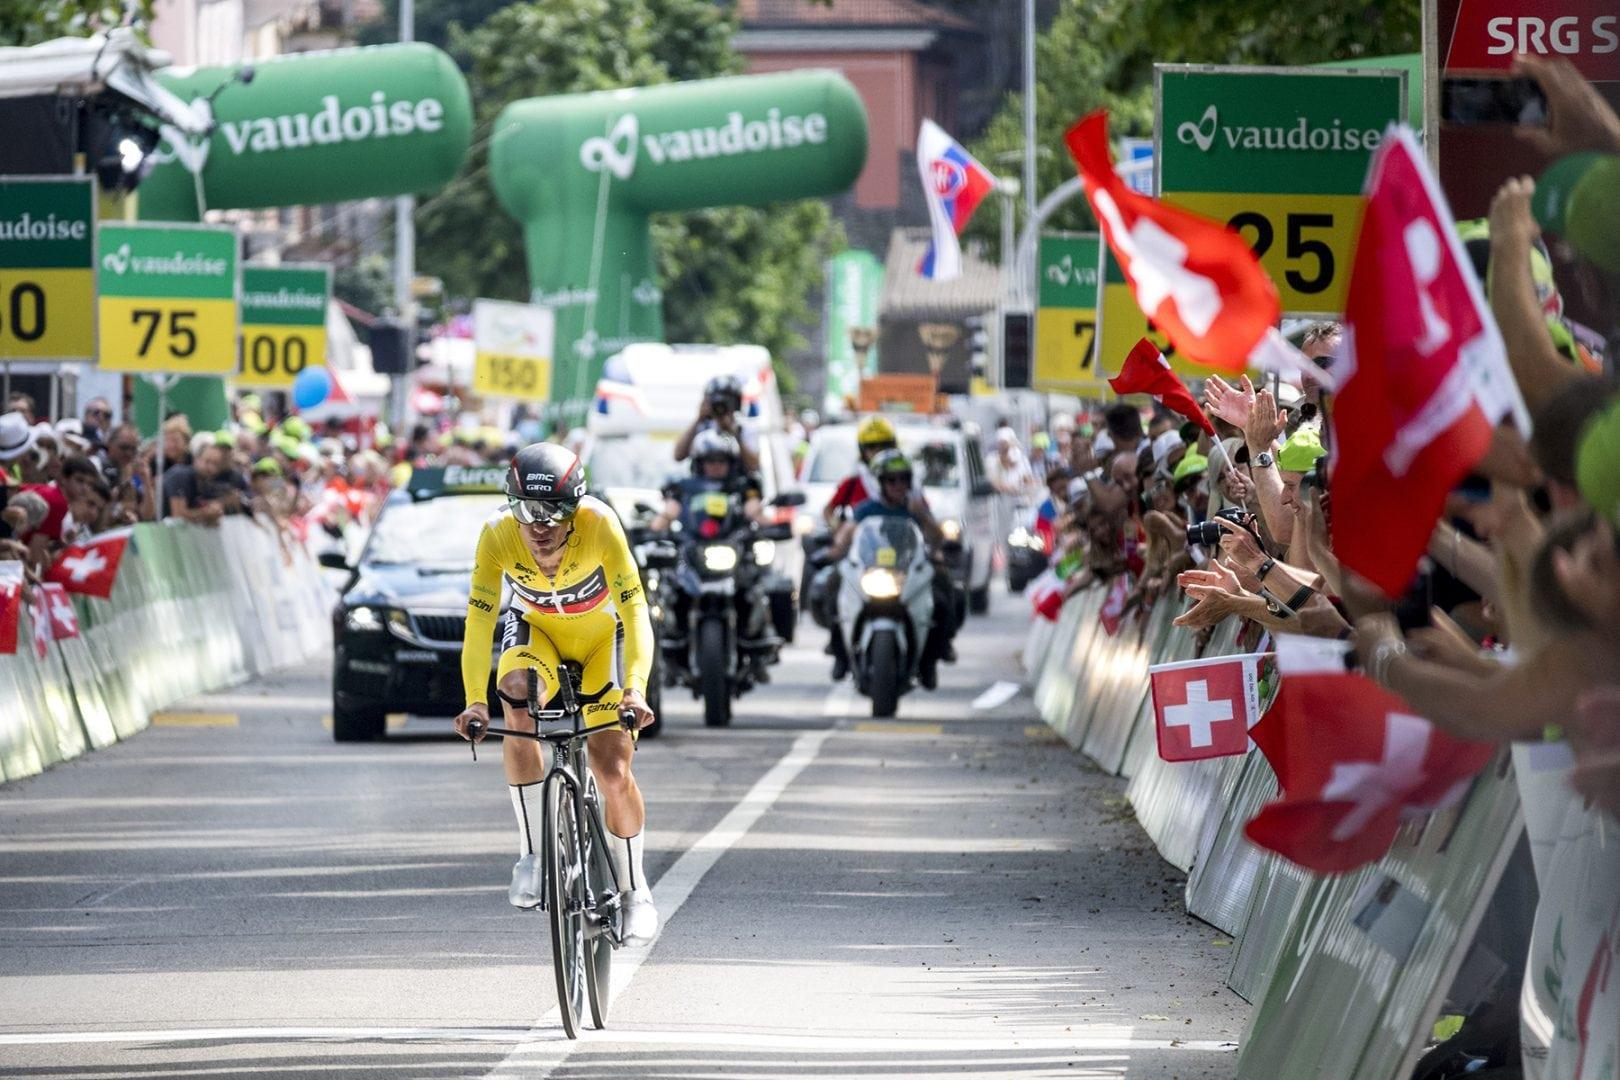 El australiano Richie Porte, ciclista delBMC, se proclamó este domingo vencedor final de la Vuelta a Suiza.